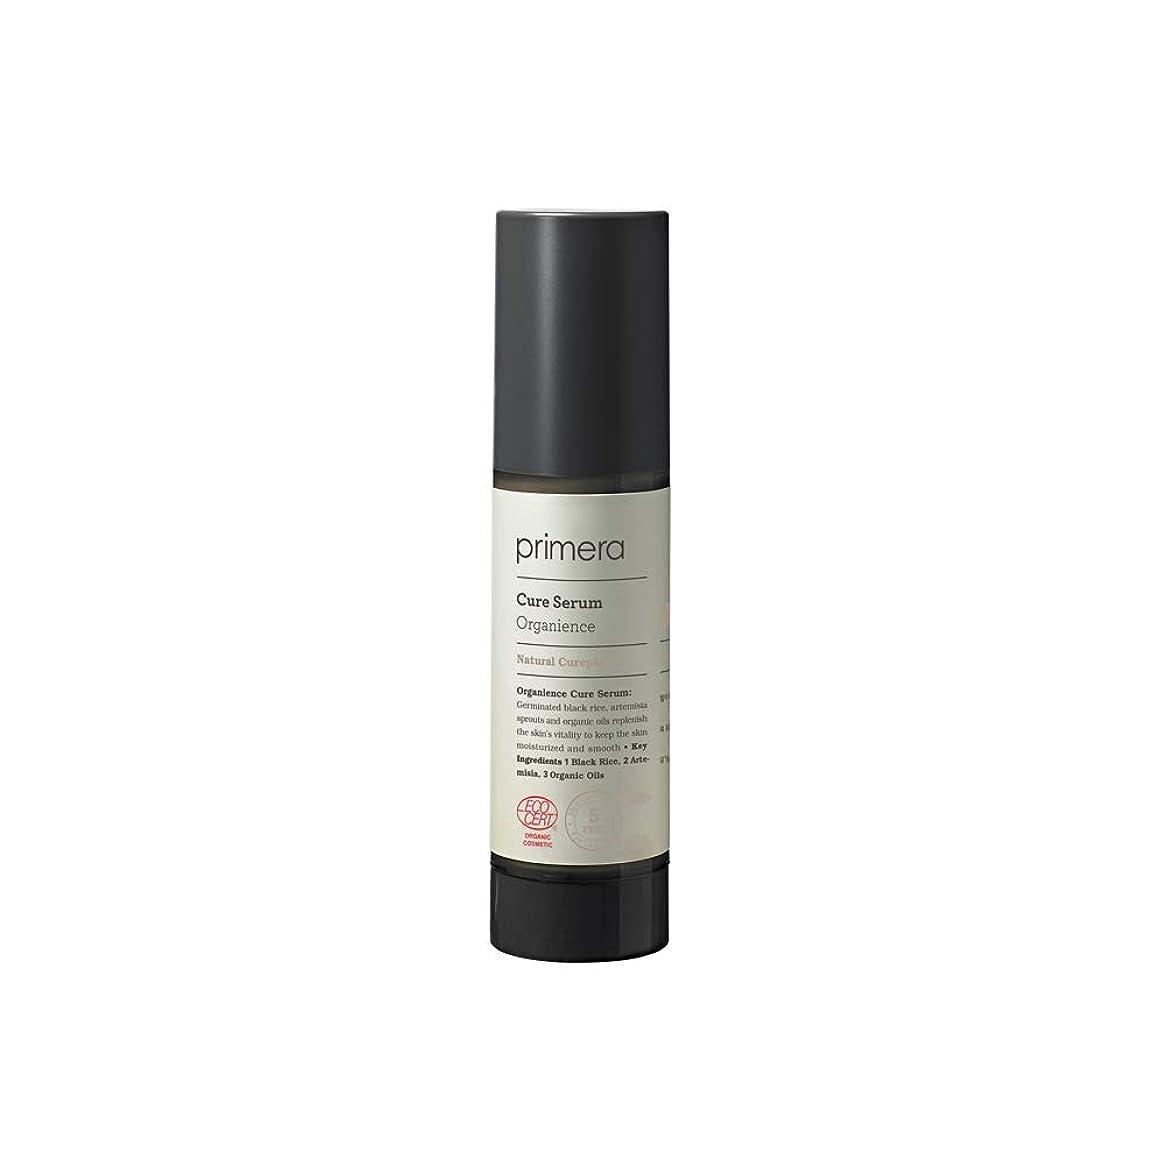 弱点上院議員利点【primera公式】プリメラ オーガニアンス クリーム 50ml/primera Organience Cream 50ml